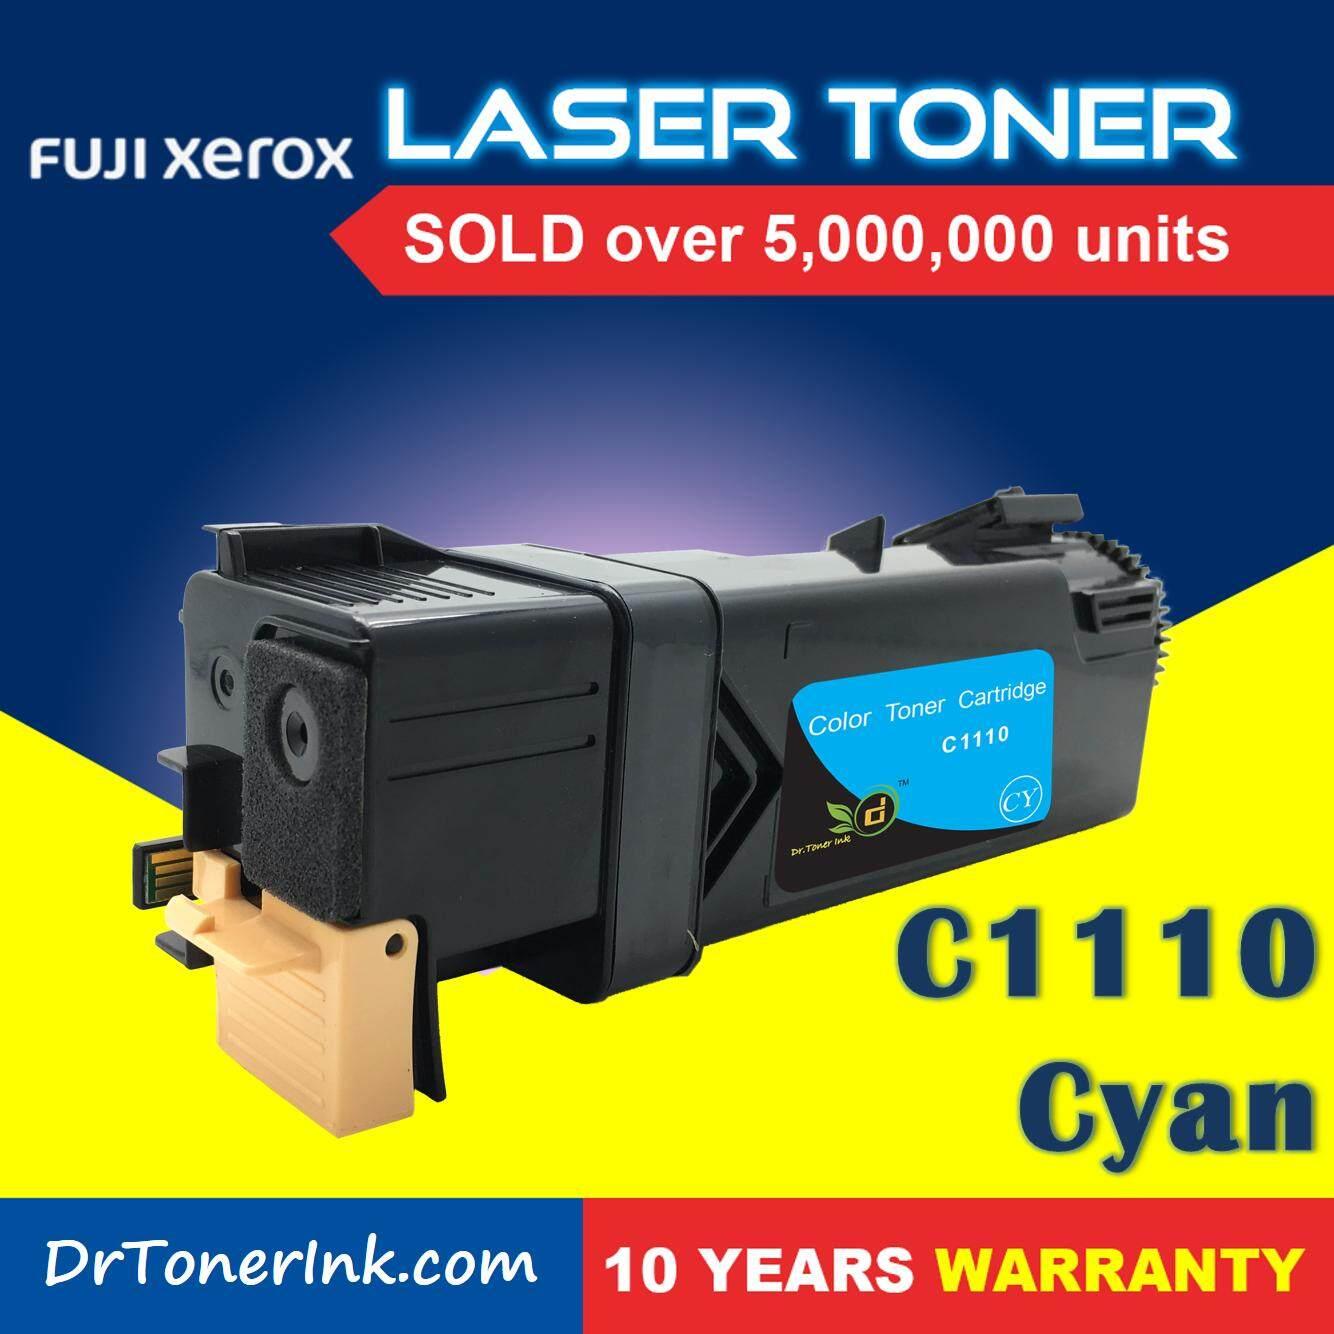 Compatible Toner DrToner Fuji Xerox - C1110-C / C1110 / 1110 - (Color